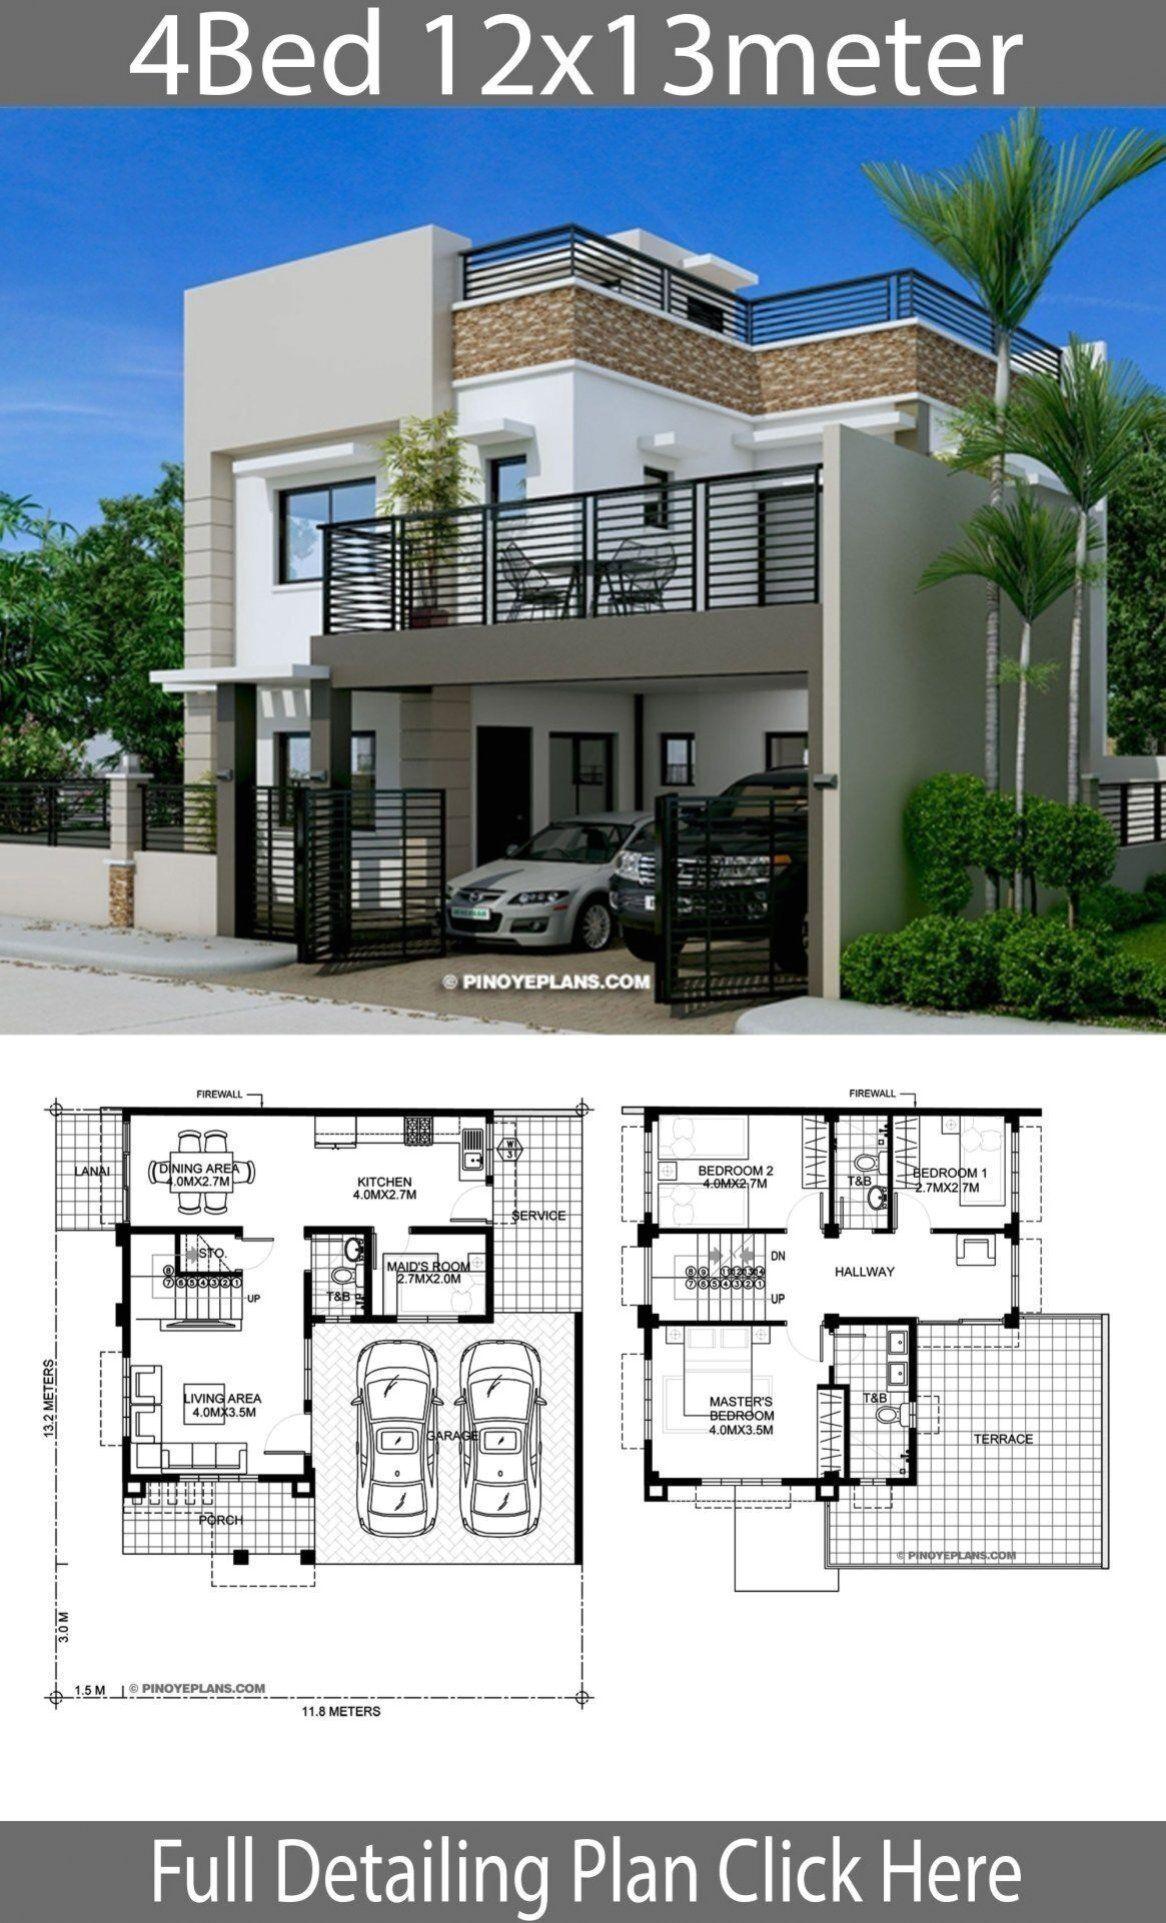 Plans de maisons de l\'architecture de l\'agencement des idées ...